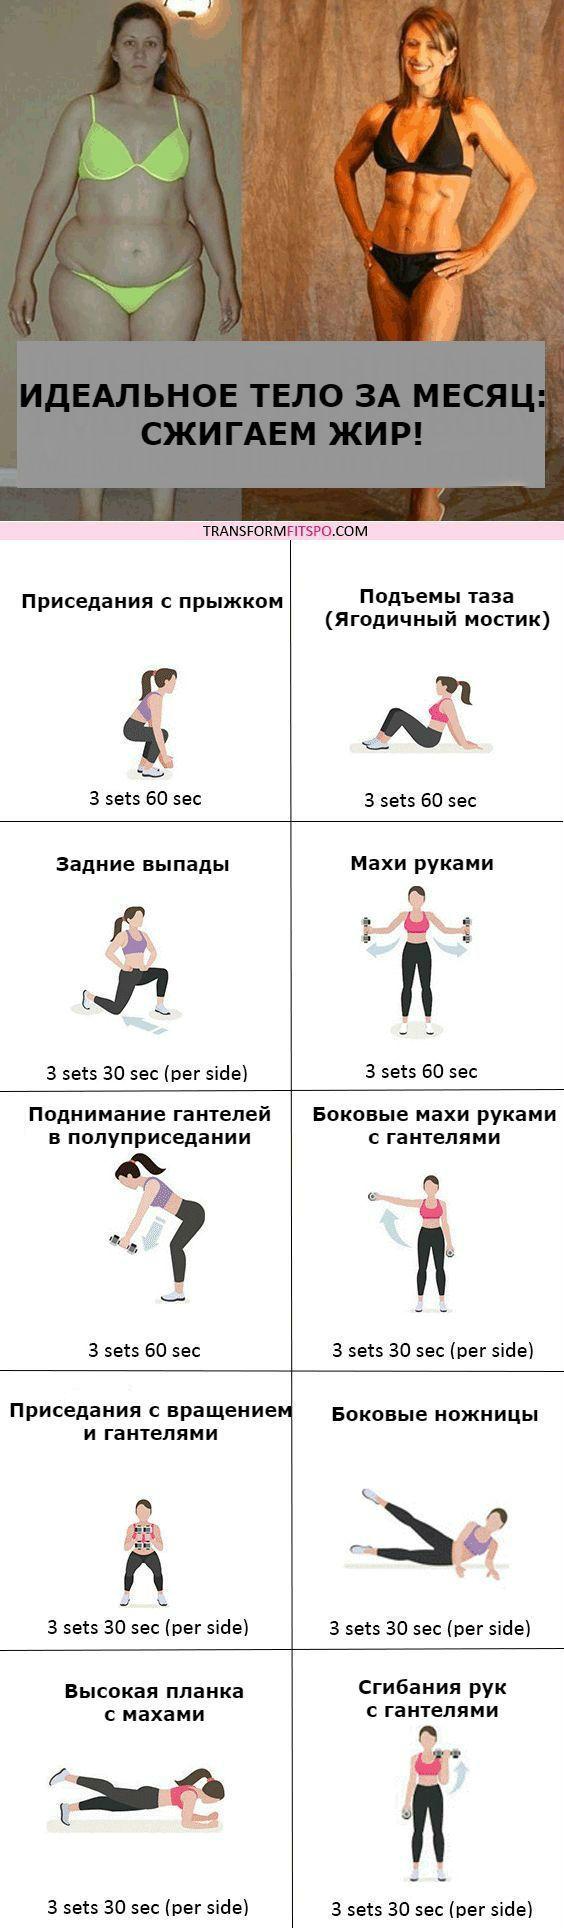 Похудеть За Месяц Упражнения В Картинках.